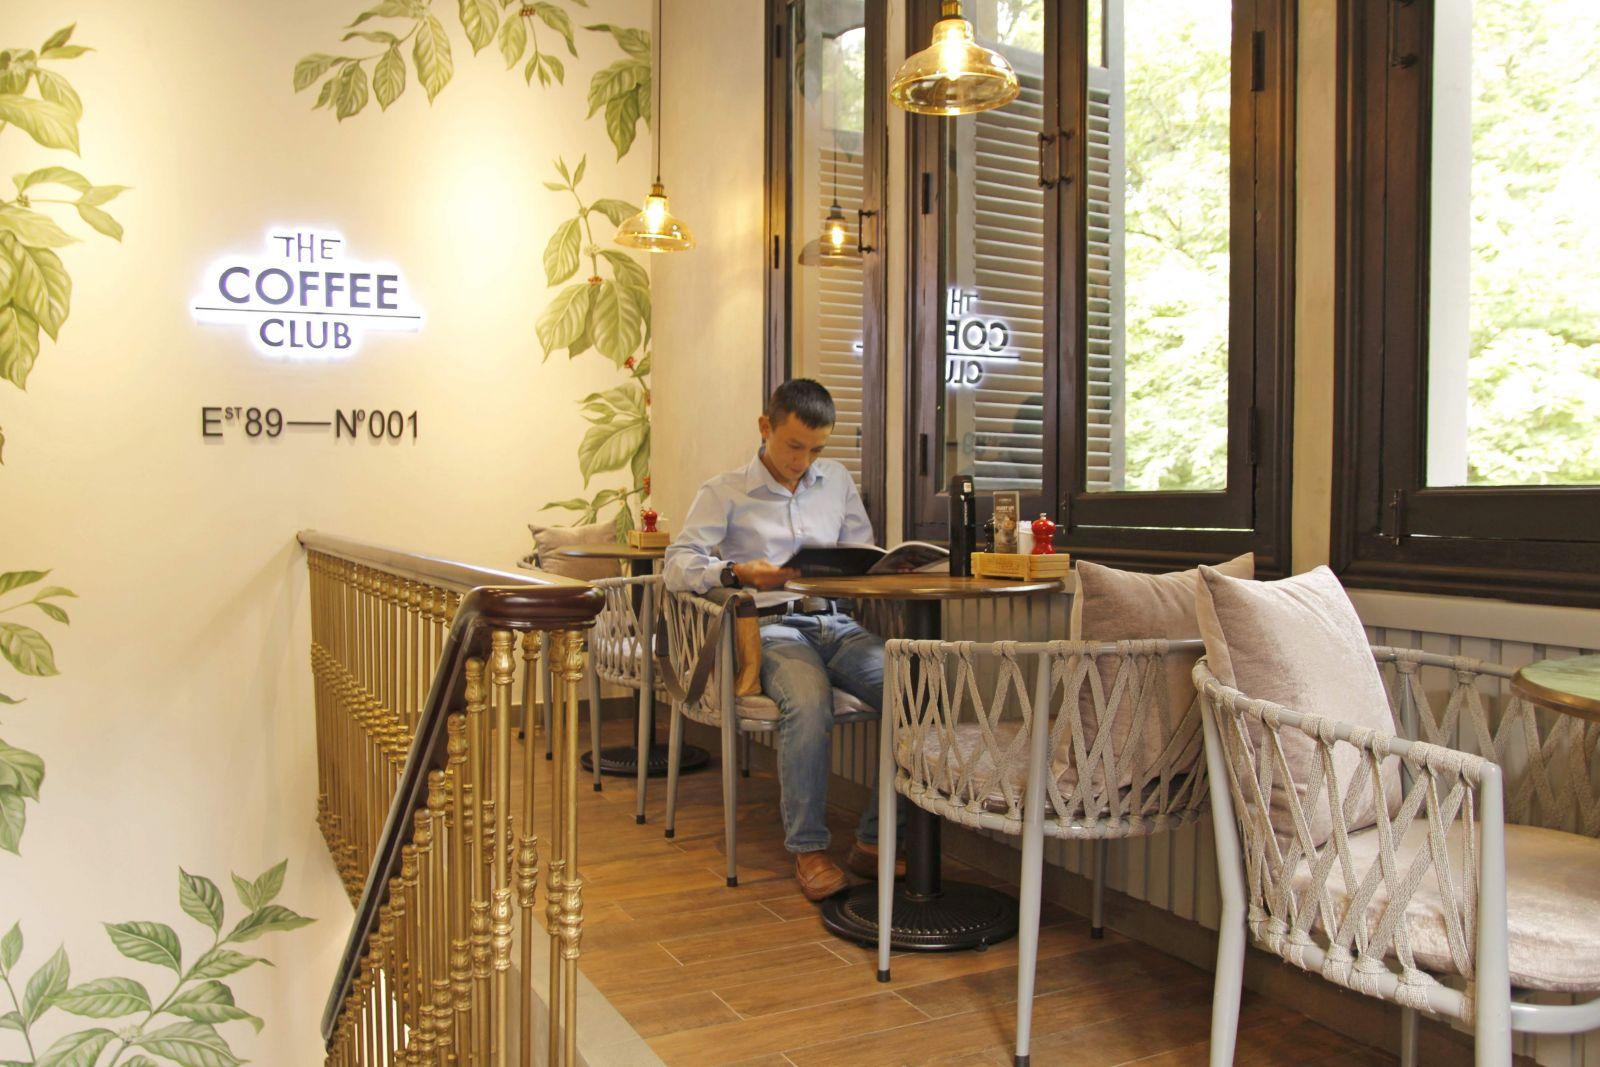 mẫu ghế mn226 pcm cung cấp bày trí tầng 1 quán cafe